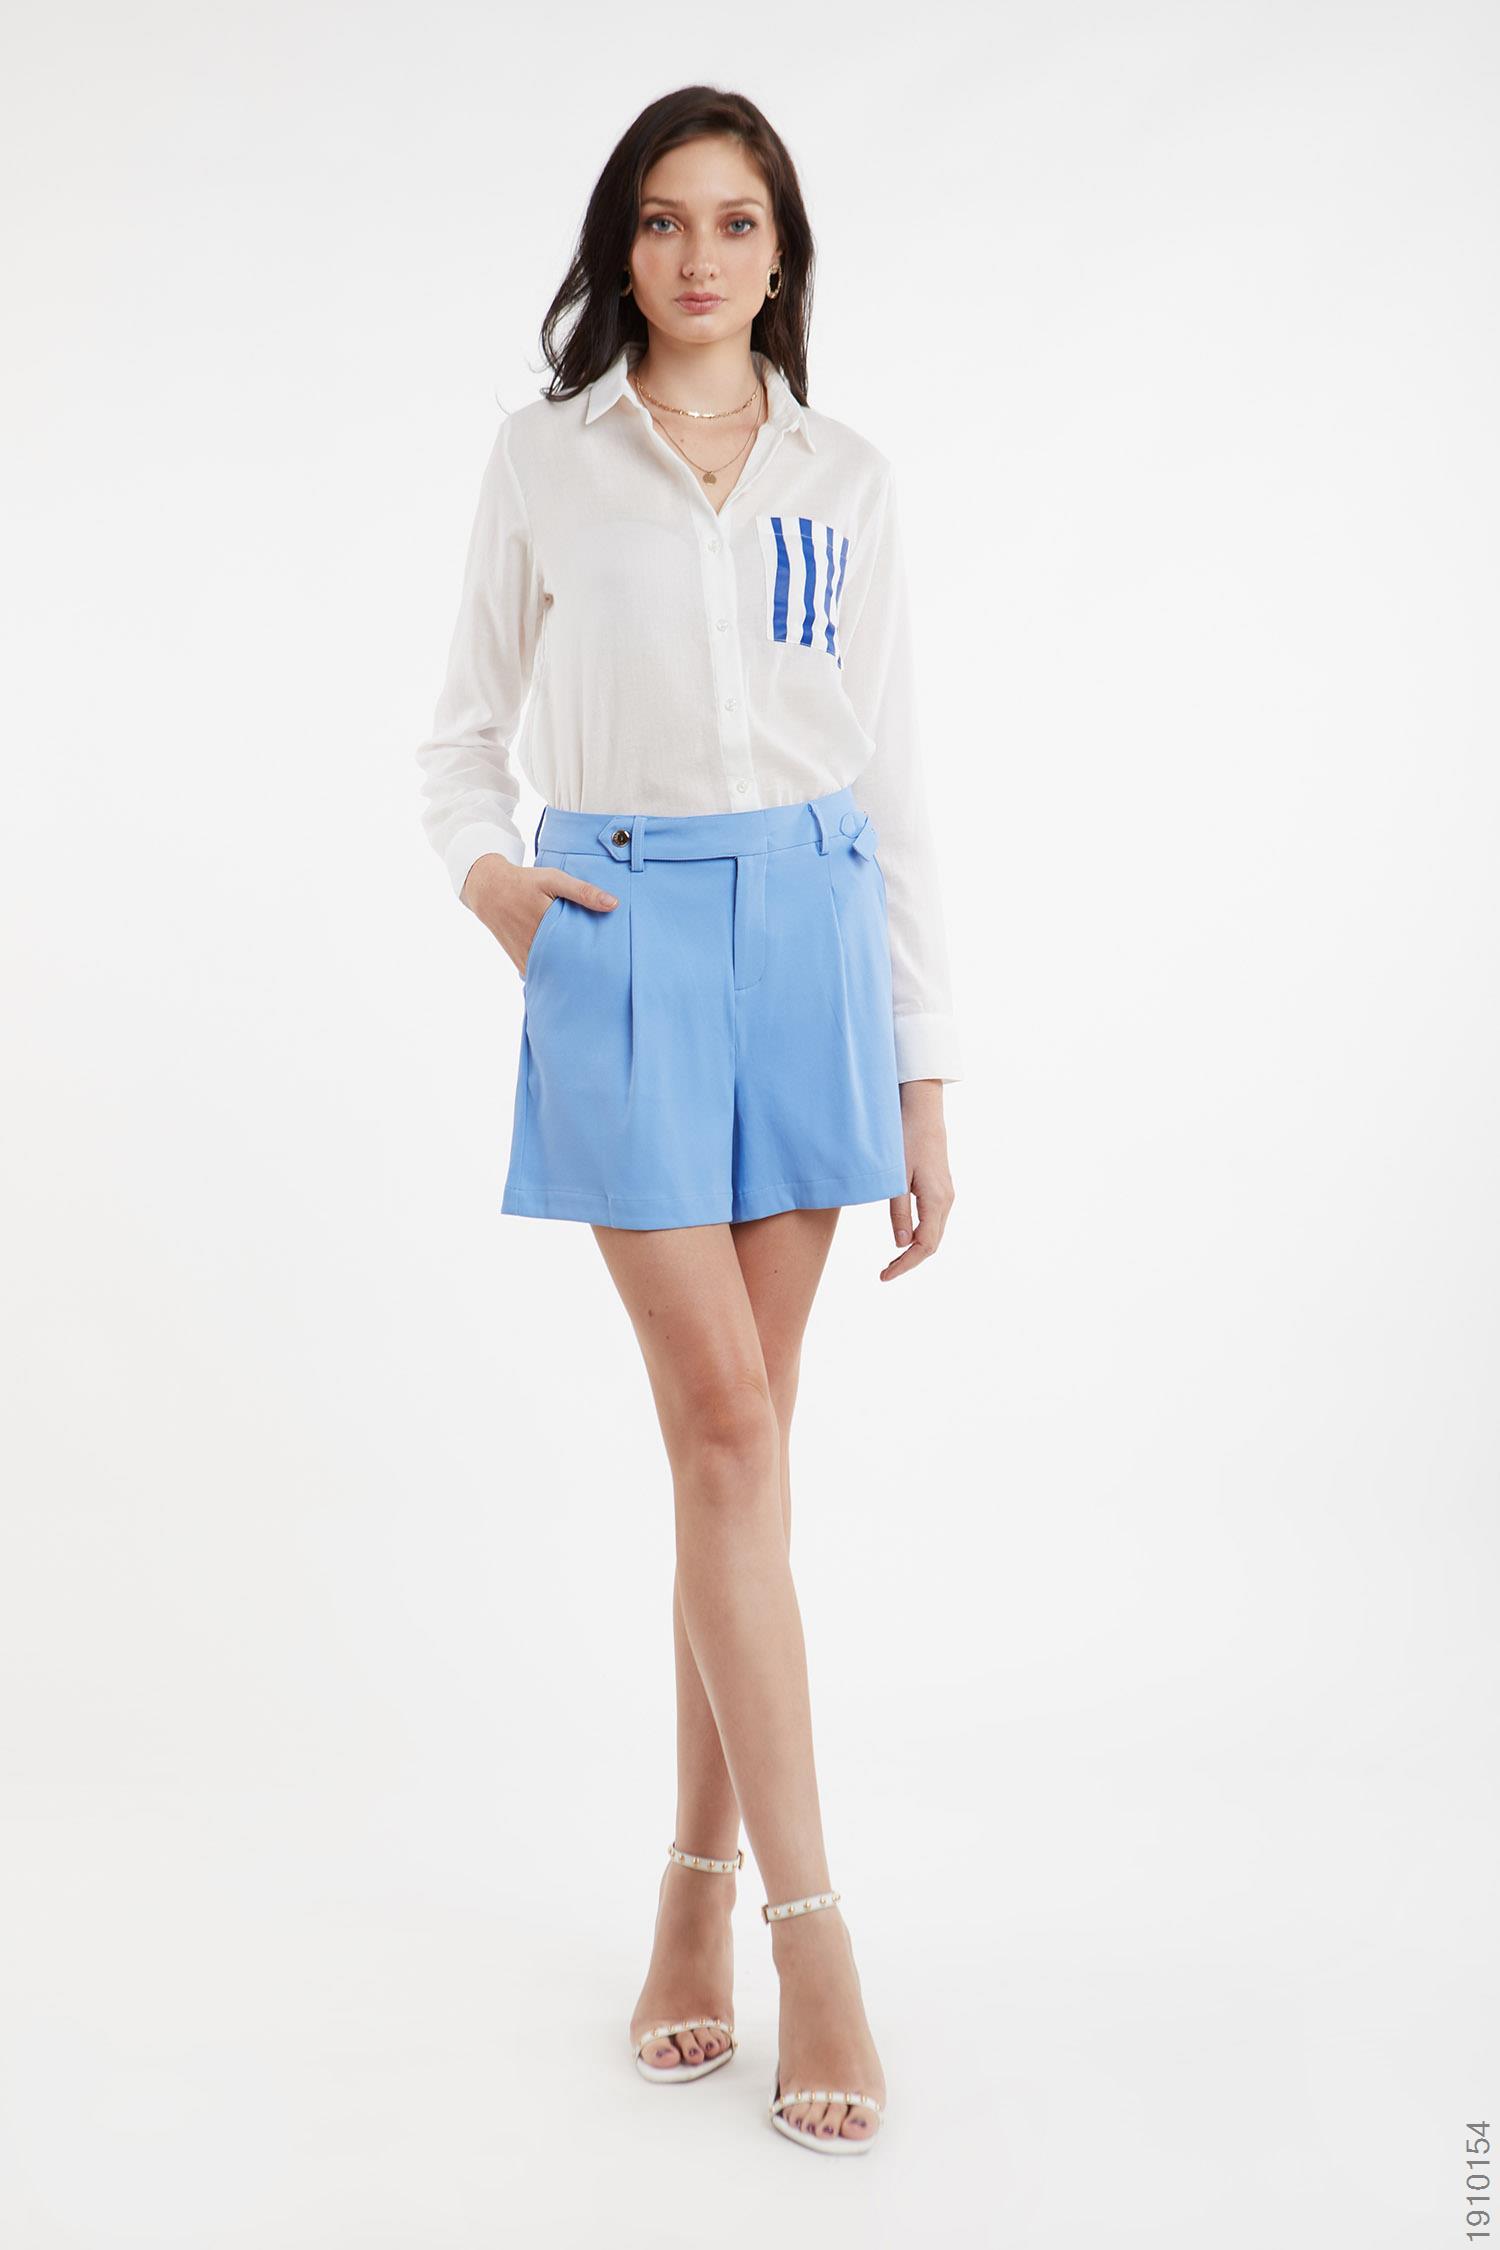 quần short nữ - 1910154